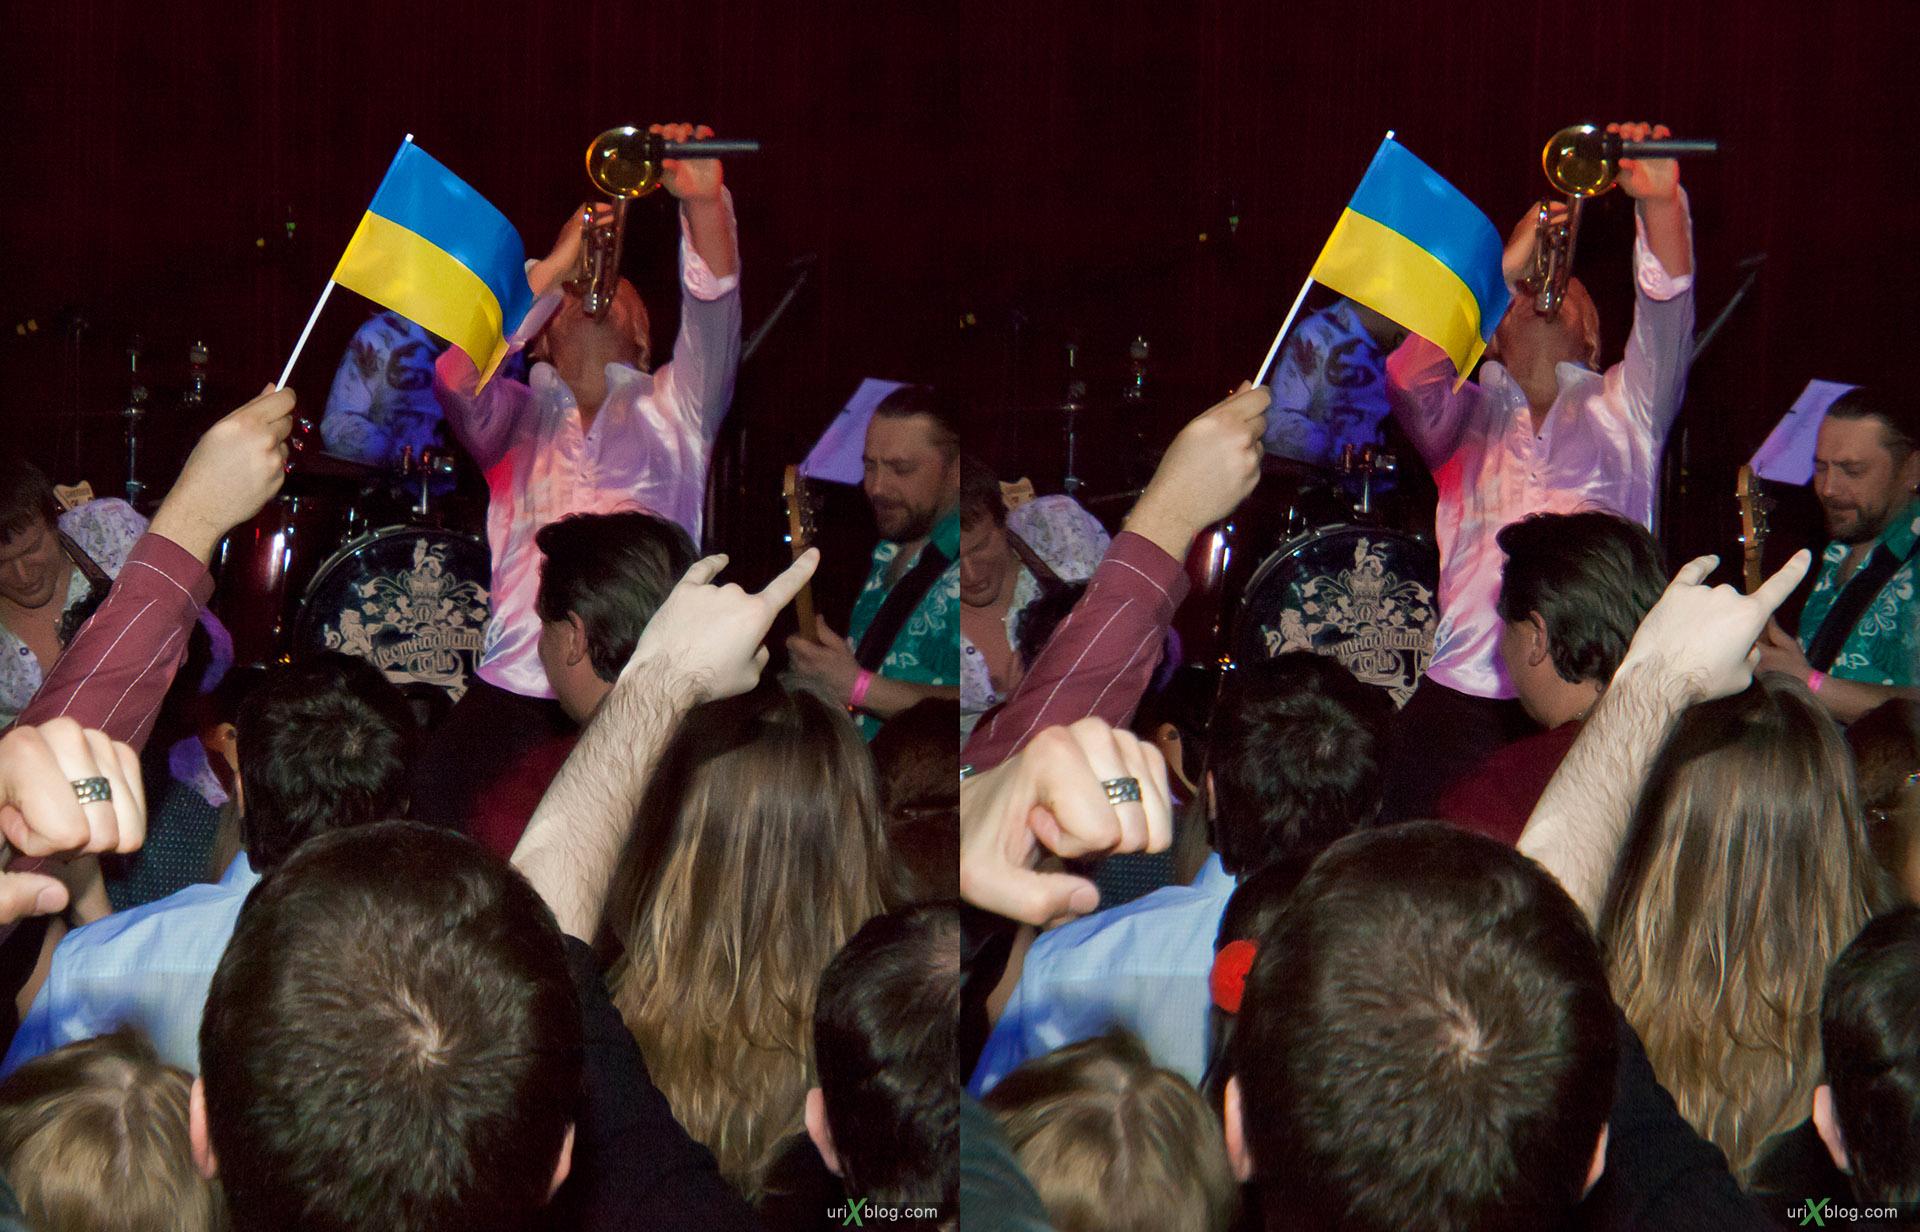 Moscow, Москва, 3D, stereo, стерео, Vopli Vidopliassova, Воплі Відоплясова, Вопли Видоплясова, VV, ВВ стереопара cross-eyed Loreo Canon